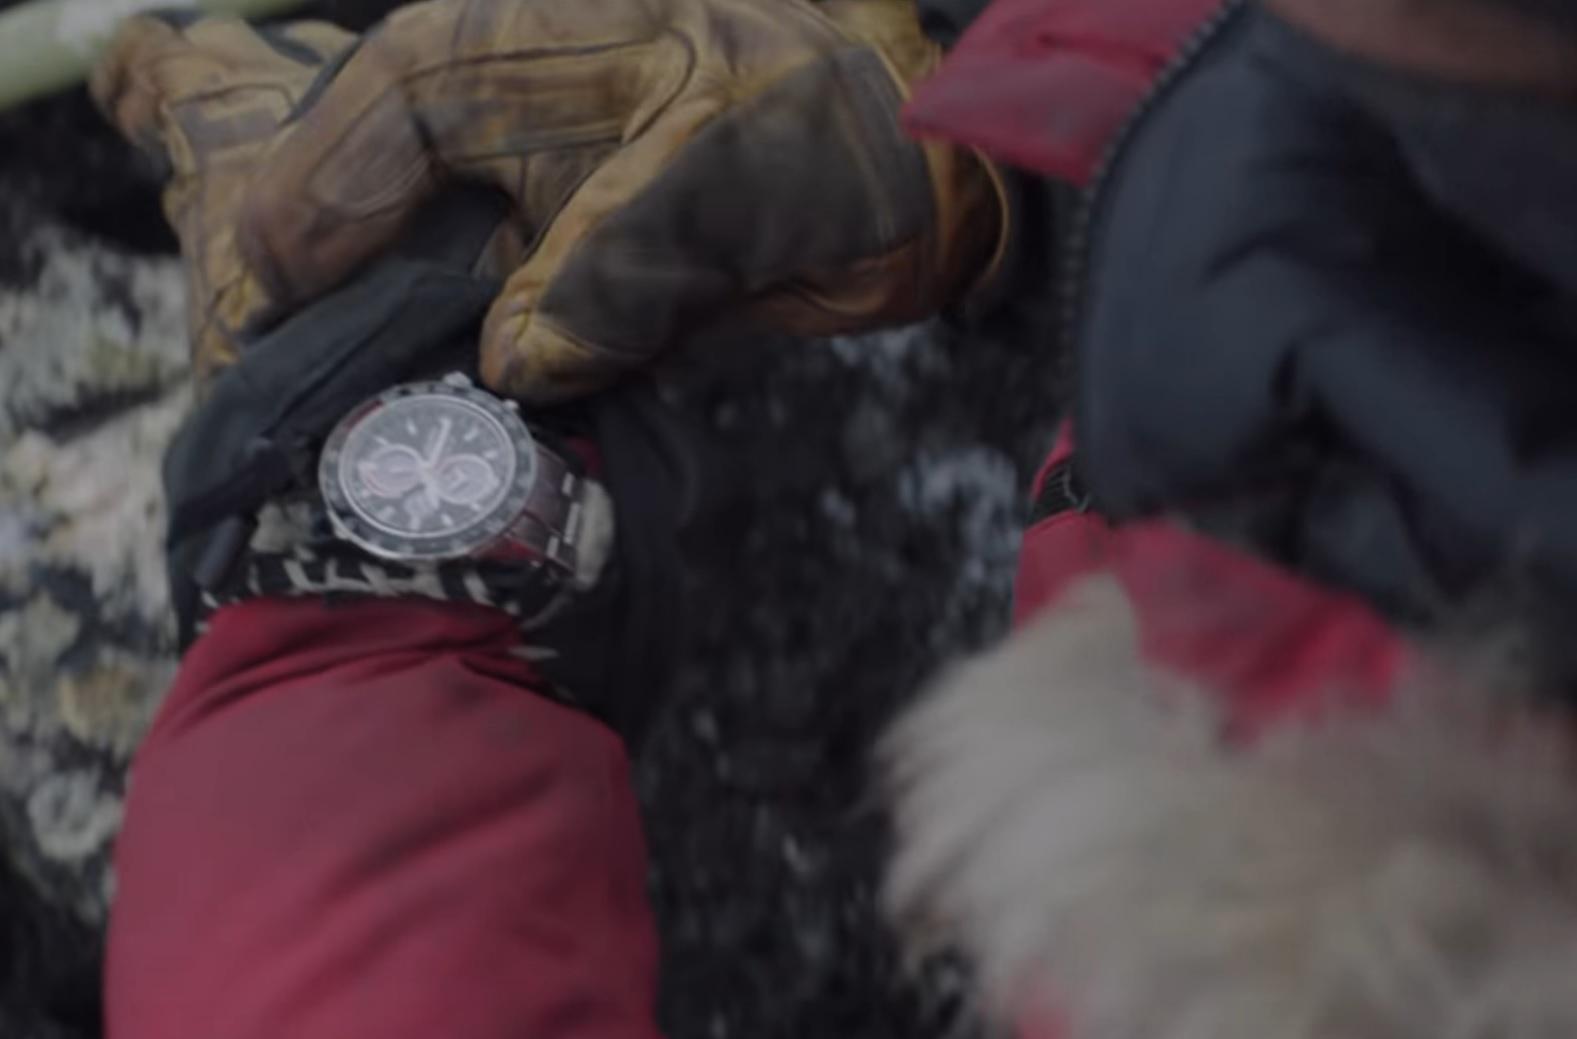 Mads Mikkelsen con SEIKO  Seiko-Sportura-ssc357-in-arctic-movie